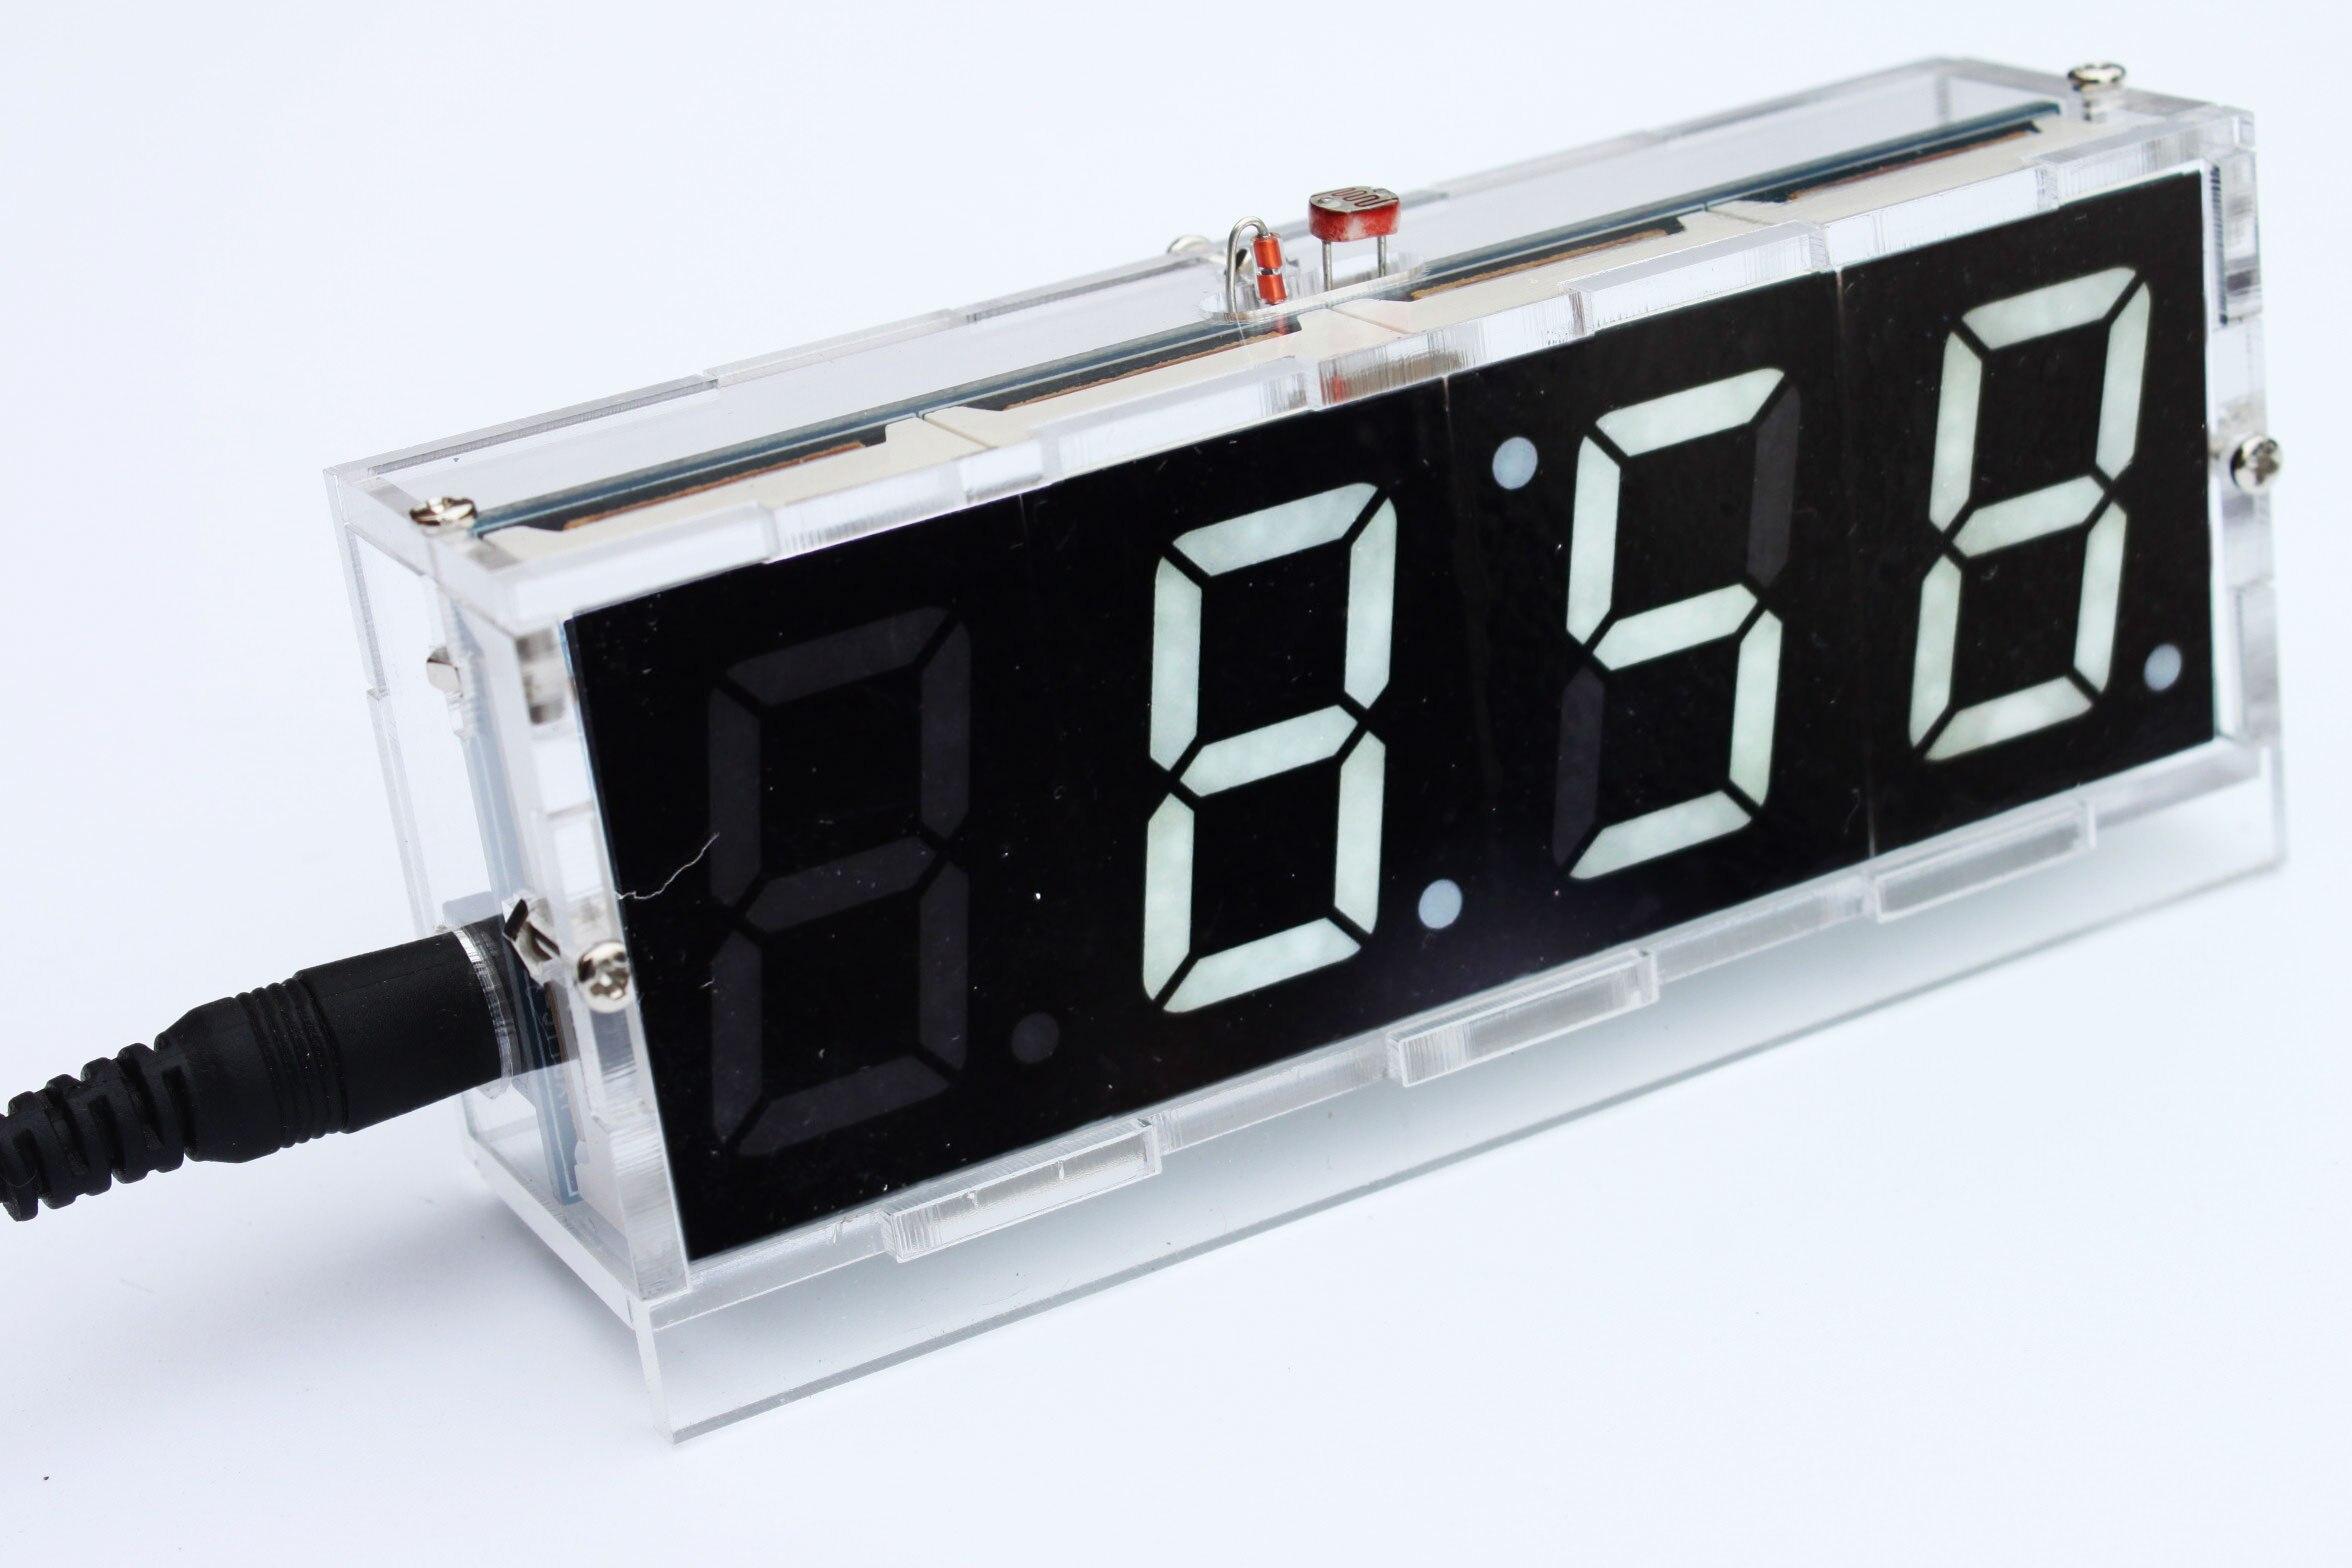 Artyom kositsyn 1 лет назад терминал приема ламп,аккумуляторов и батареек может послужить источником ламп,из которых можно вытащить платы с радиодеталями.